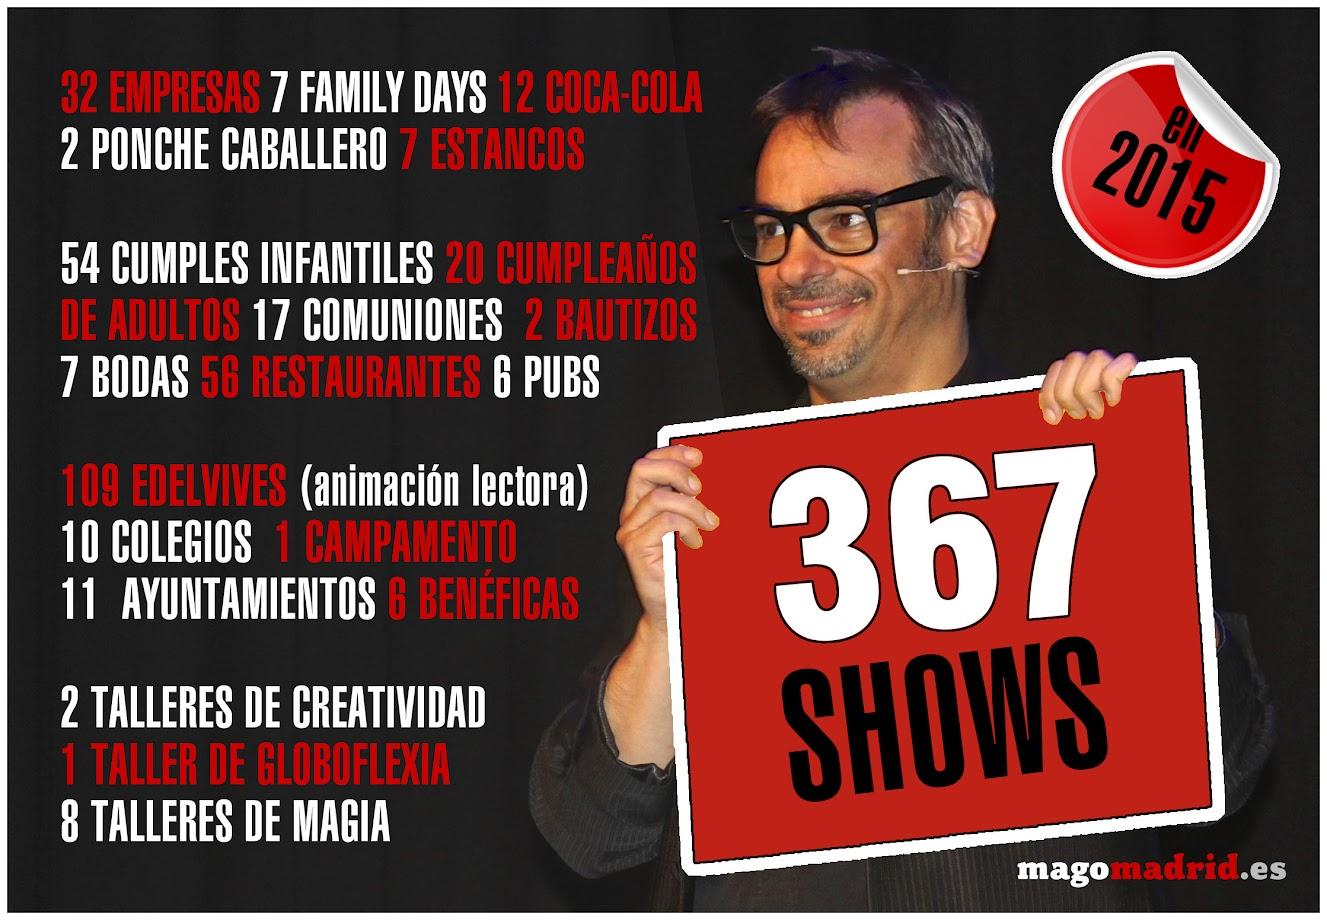 Resumen actuaciones mago madrid 2015